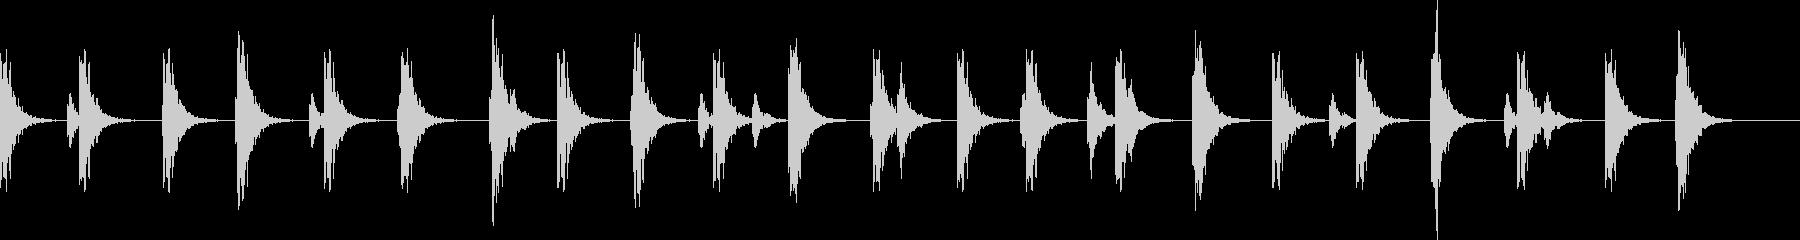 ポタポタ..。洞窟の水滴(低・長)の未再生の波形